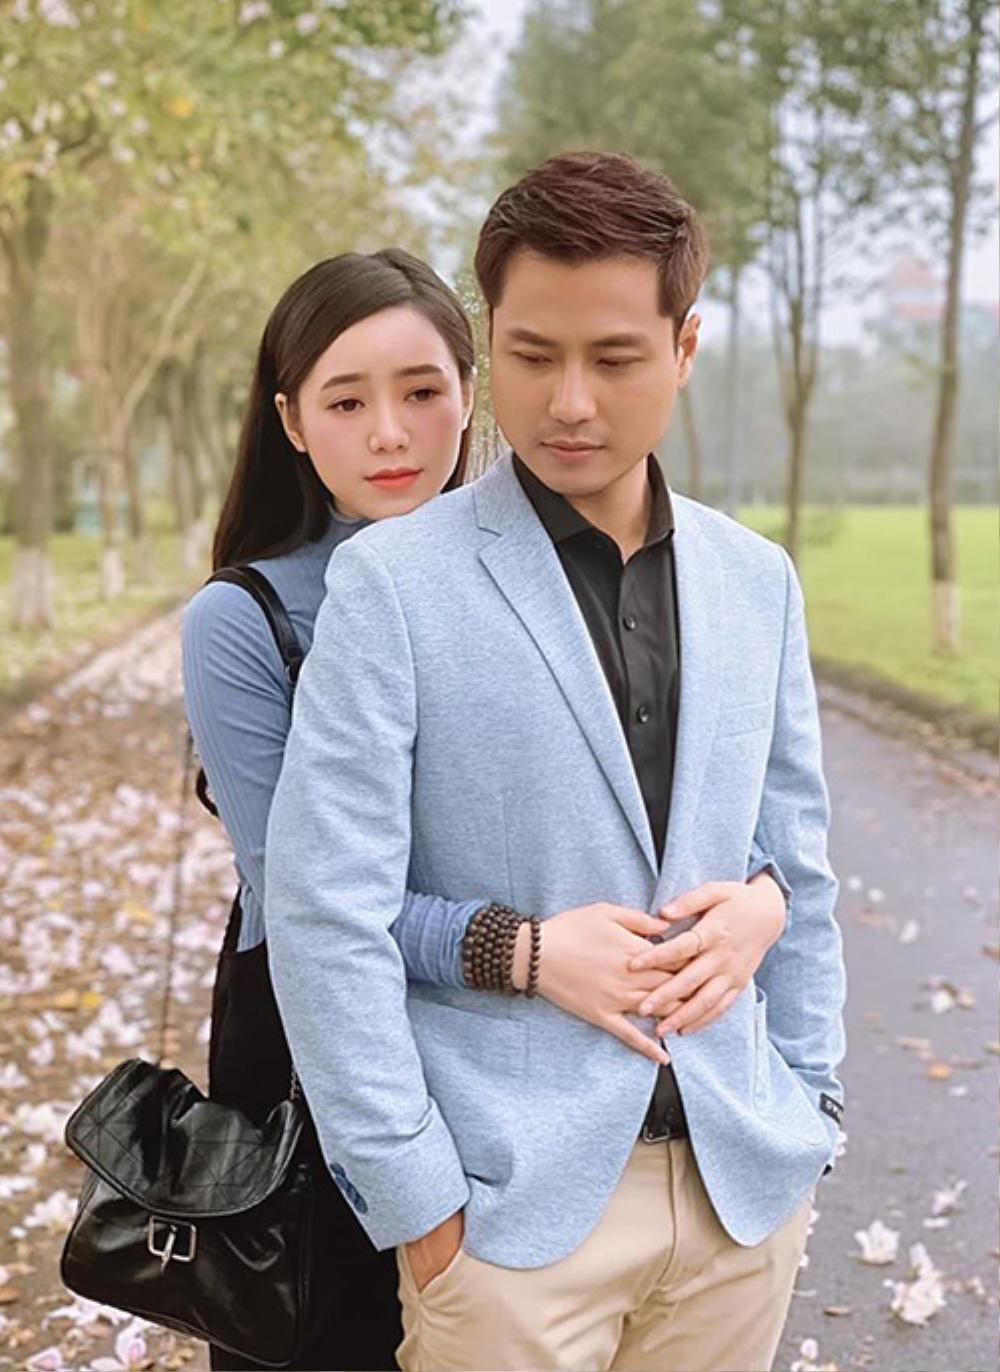 So kè top 5 'Nữ diễn viên ấn tượng' tại 'VTV Awards 2020': Phương Oanh, Quỳnh Cool hay Diễm My 9x sẽ giành lợi thế? Ảnh 26